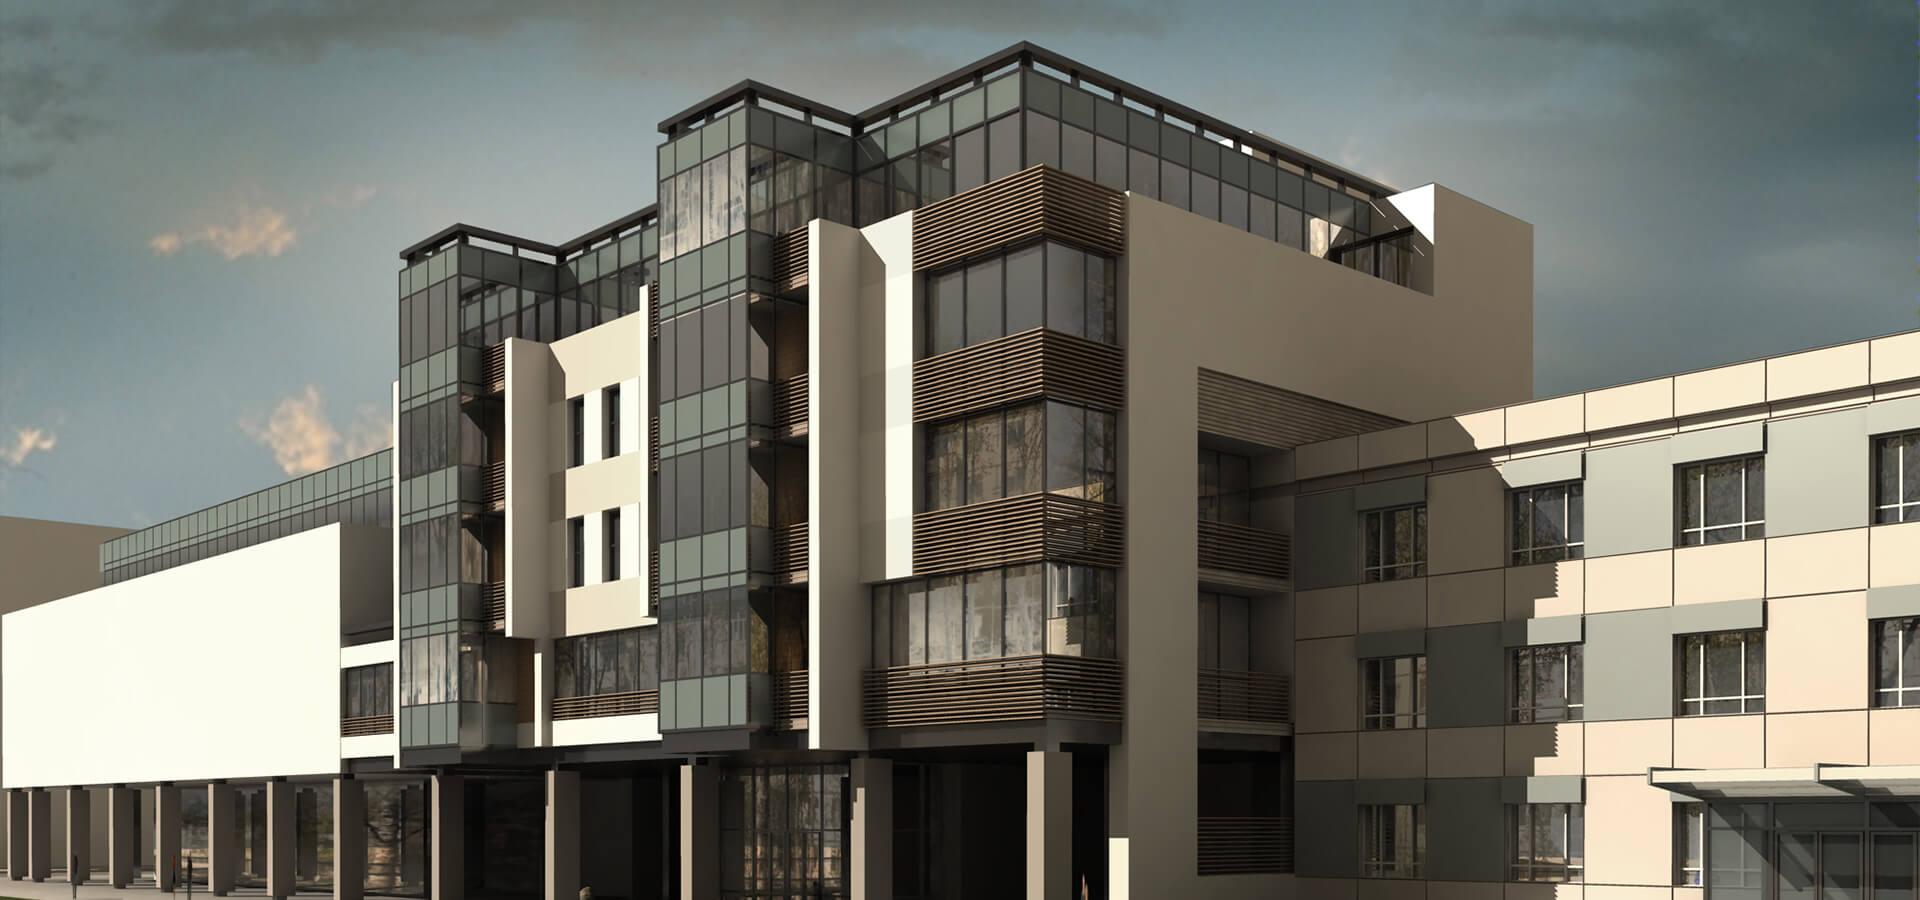 проектирование домов вологда